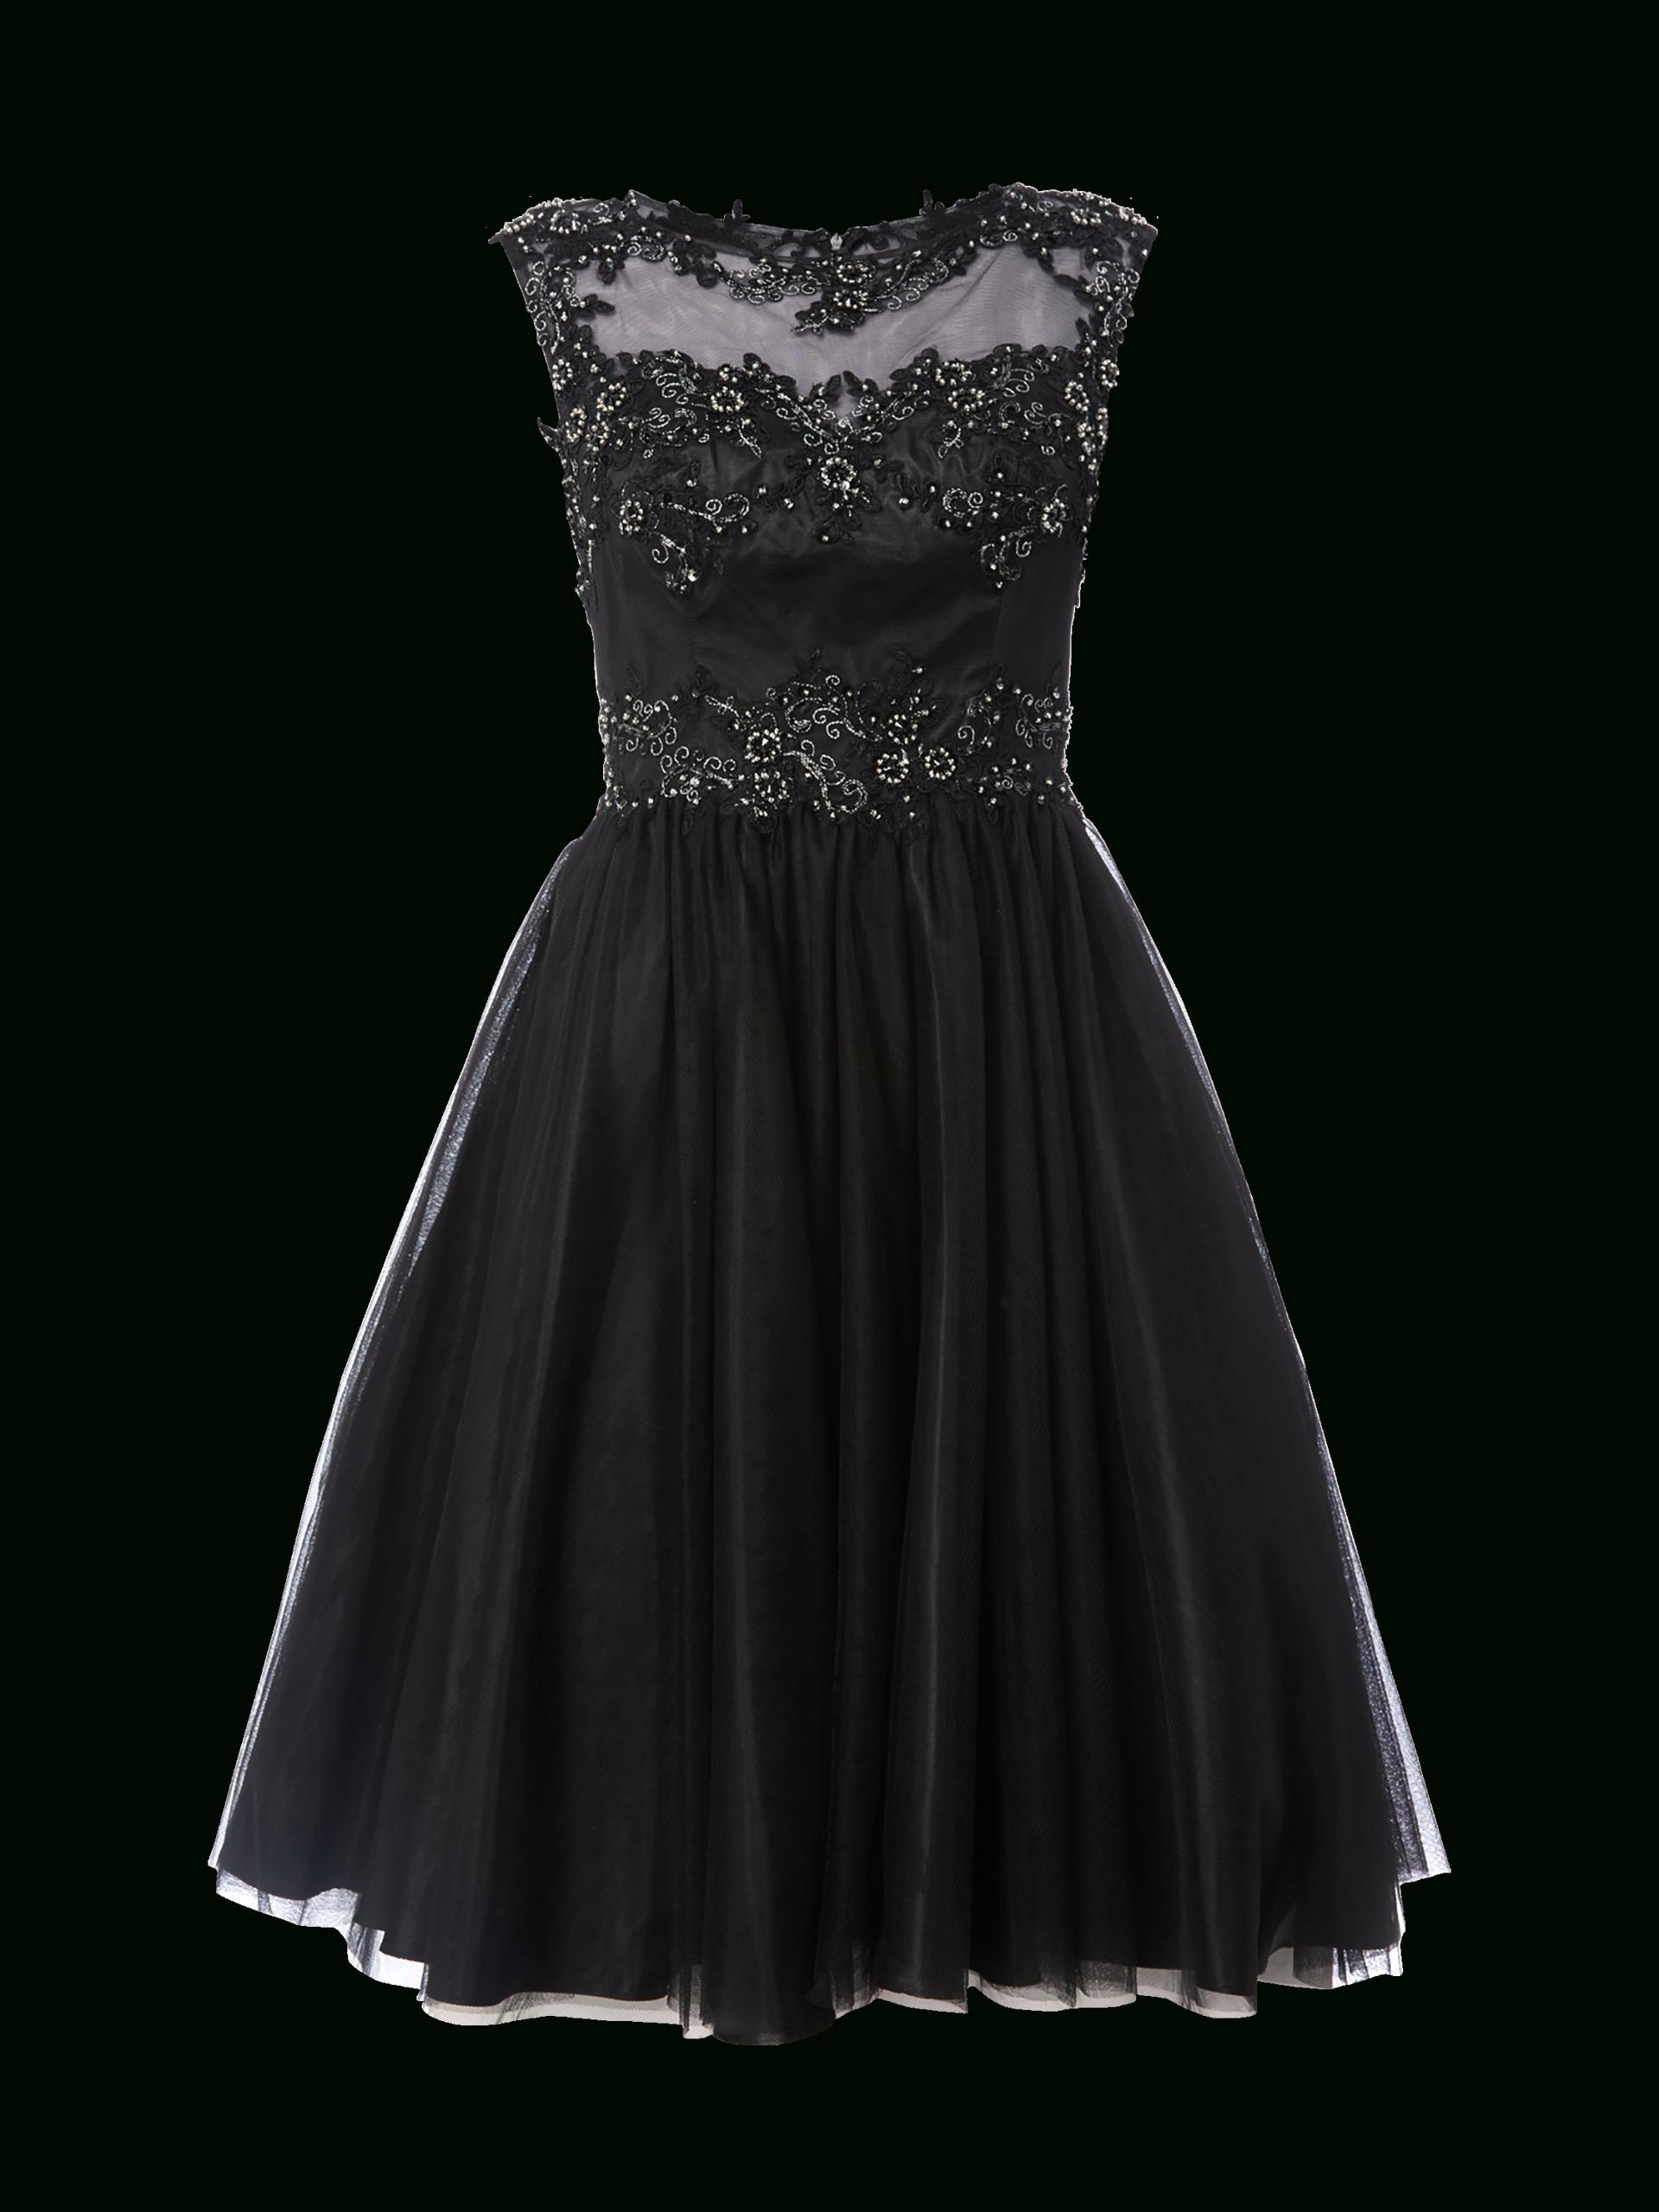 Einfach Niente Abendkleid Schwarz für 2019Formal Elegant Niente Abendkleid Schwarz Vertrieb